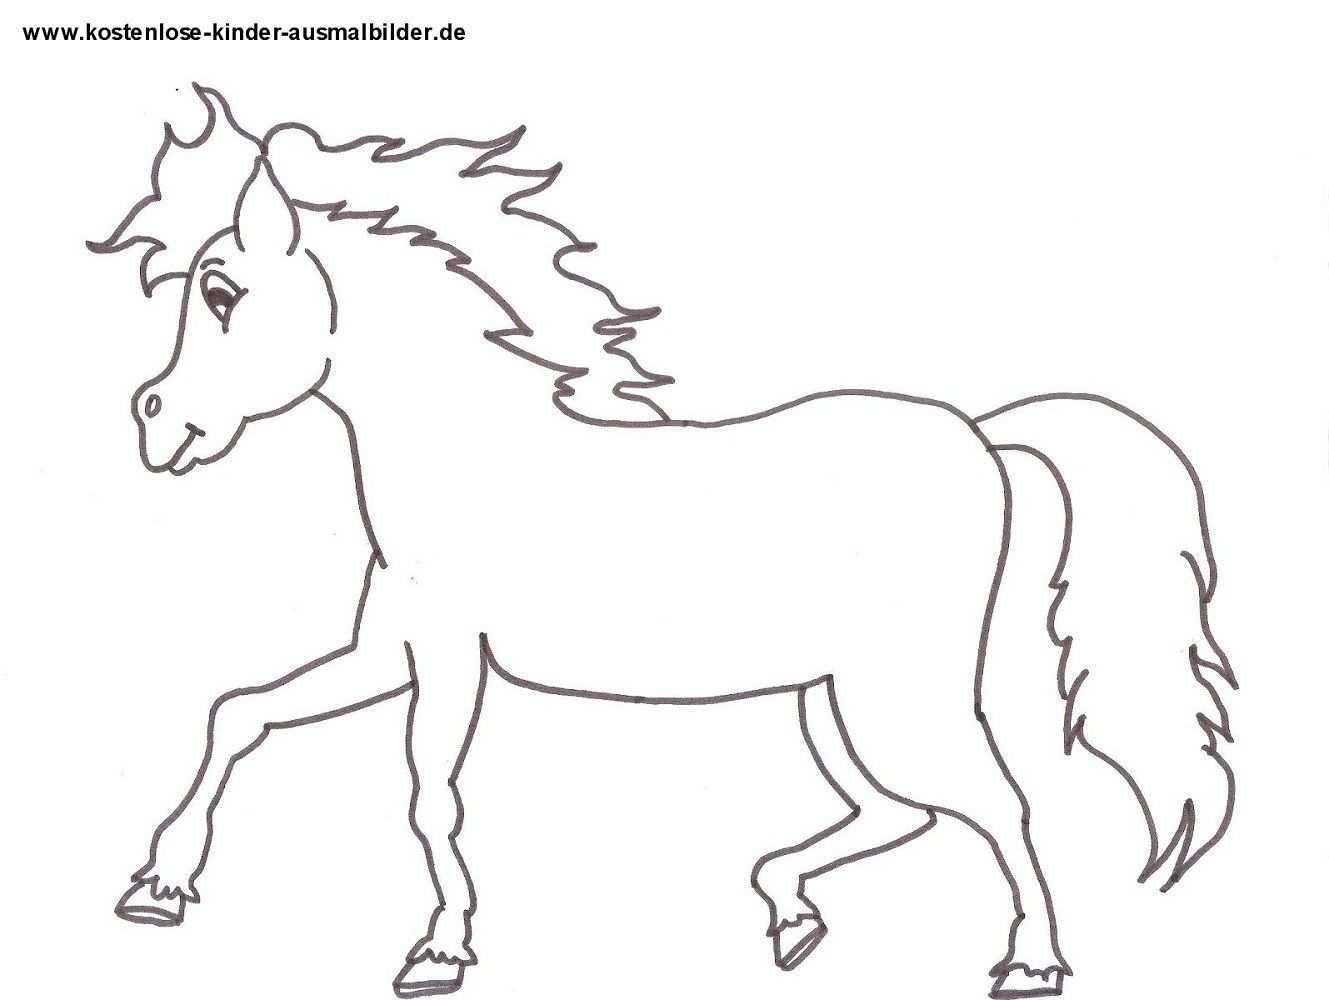 Pferde Ausmalbilder Kostenlos 07 Ausmalbilder Pferde Ausmalen Ausmalbilder